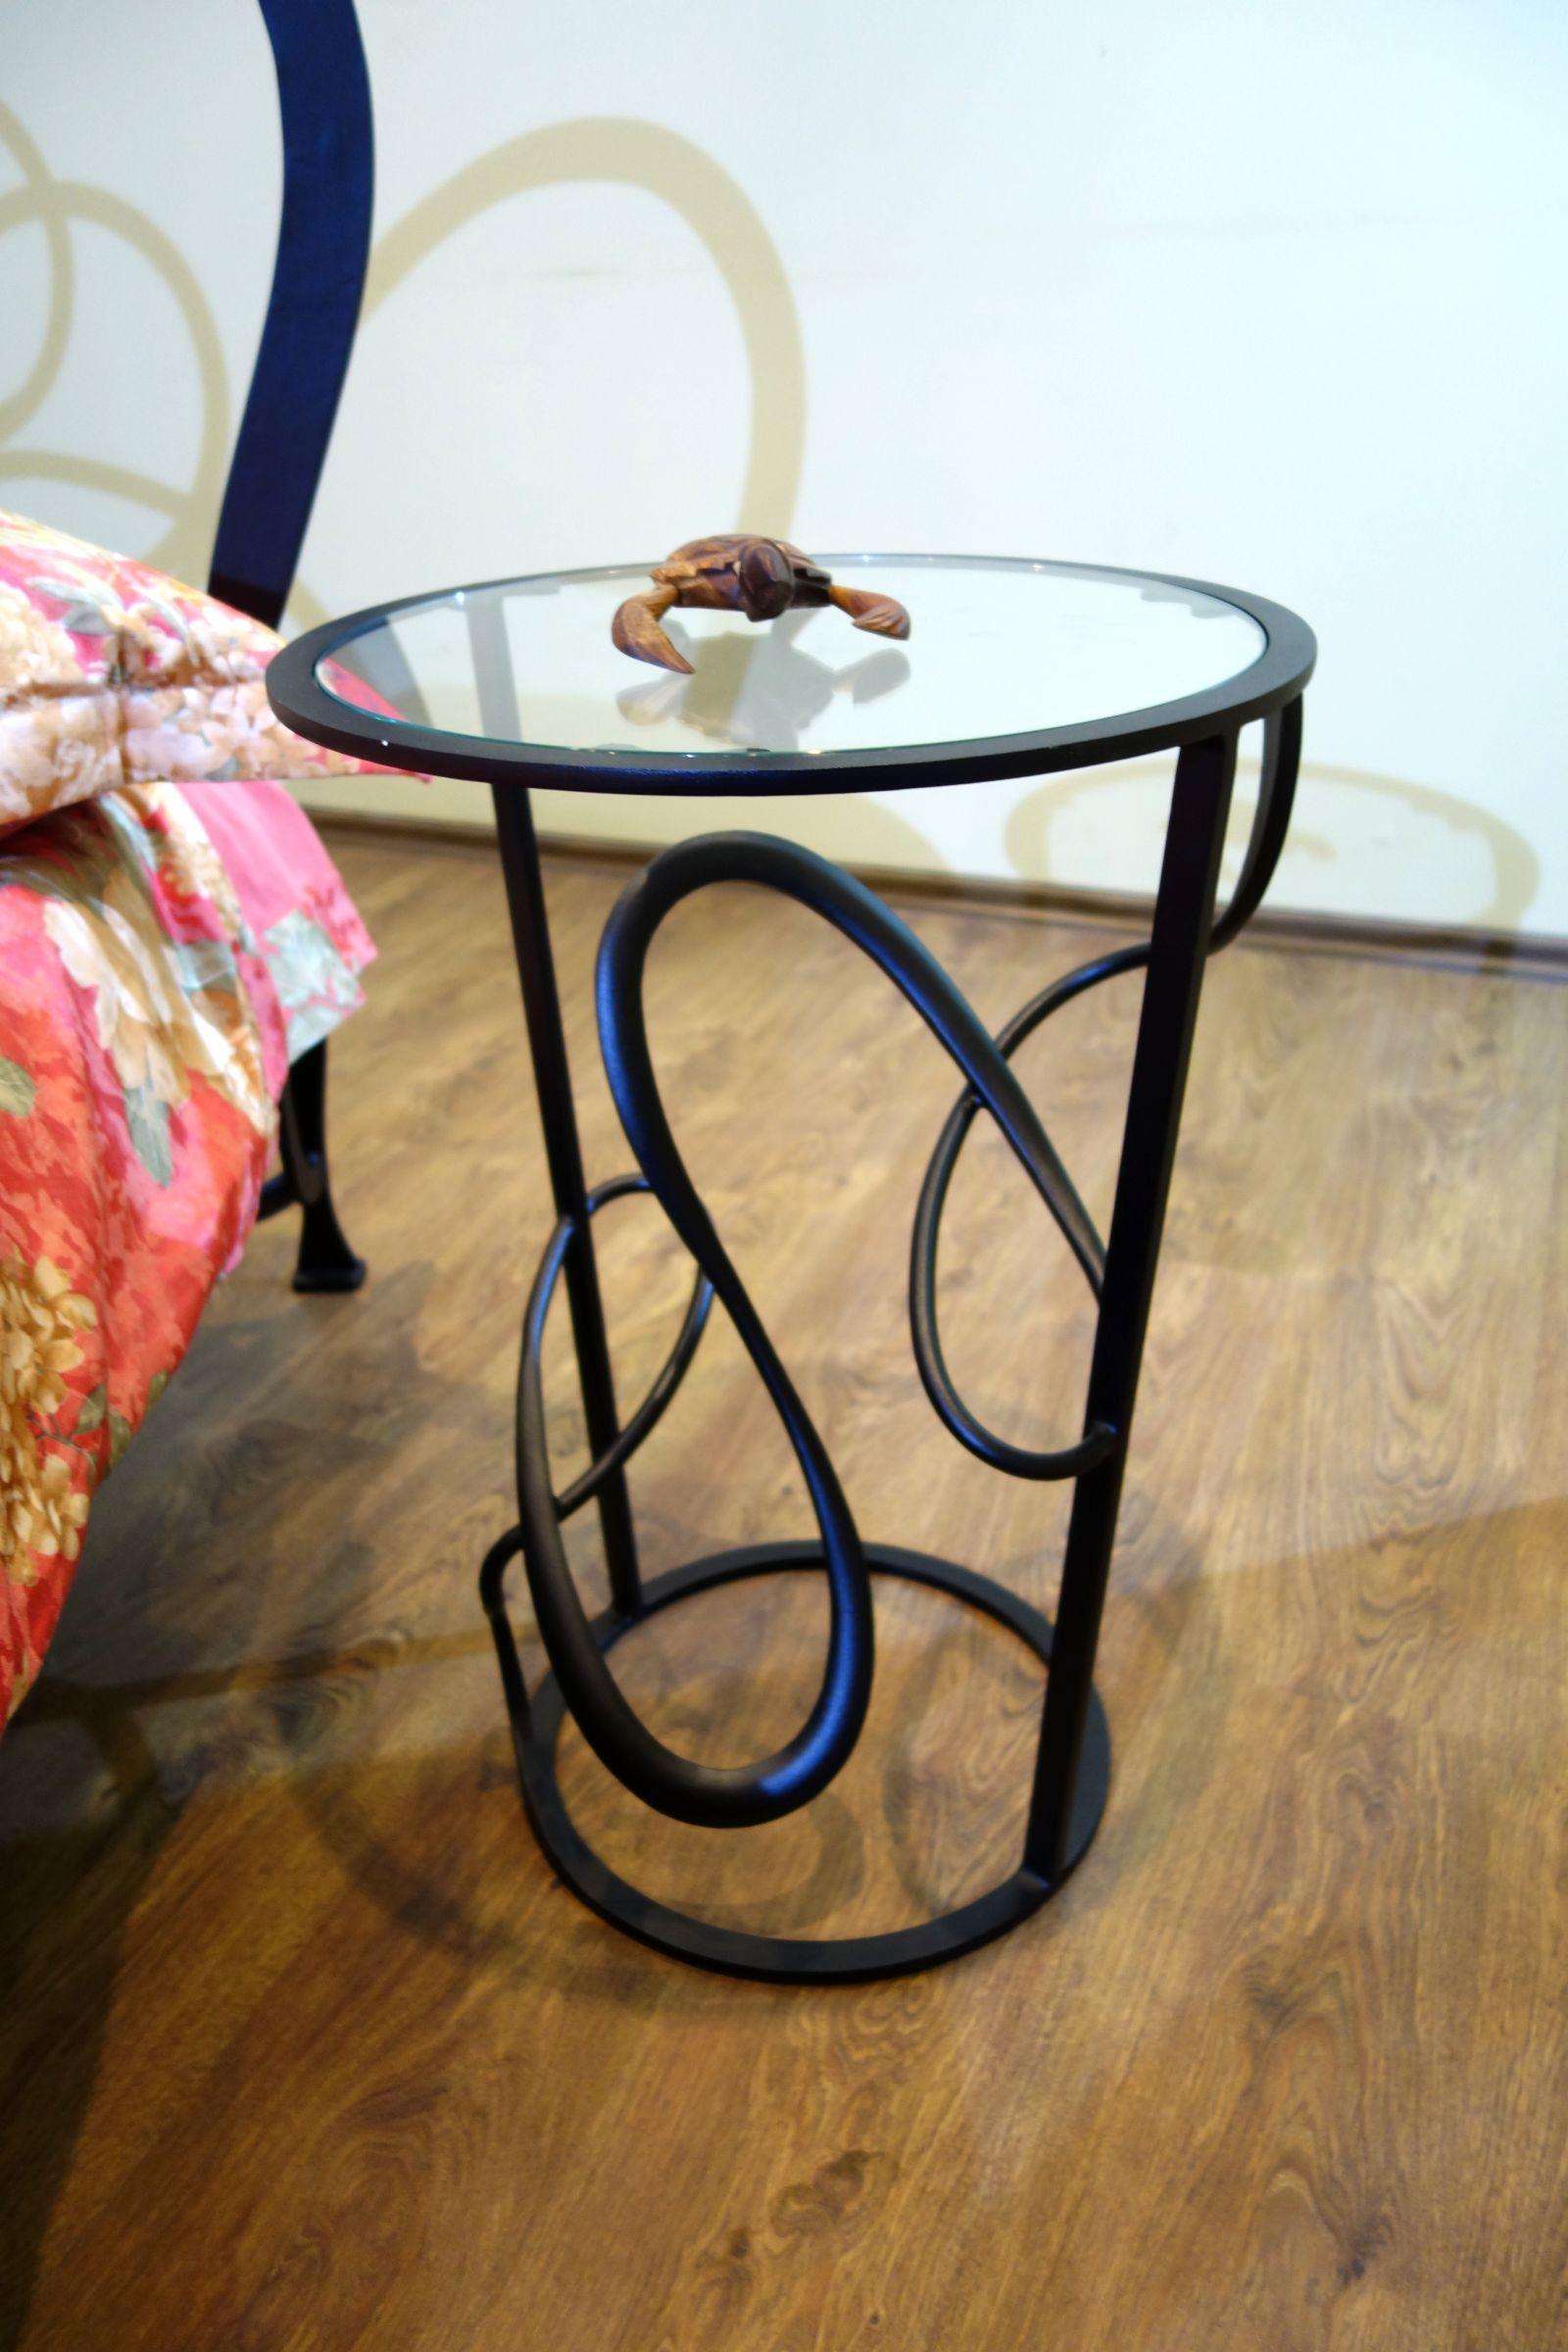 резной прикроватный столик со стеклянной поверхностью